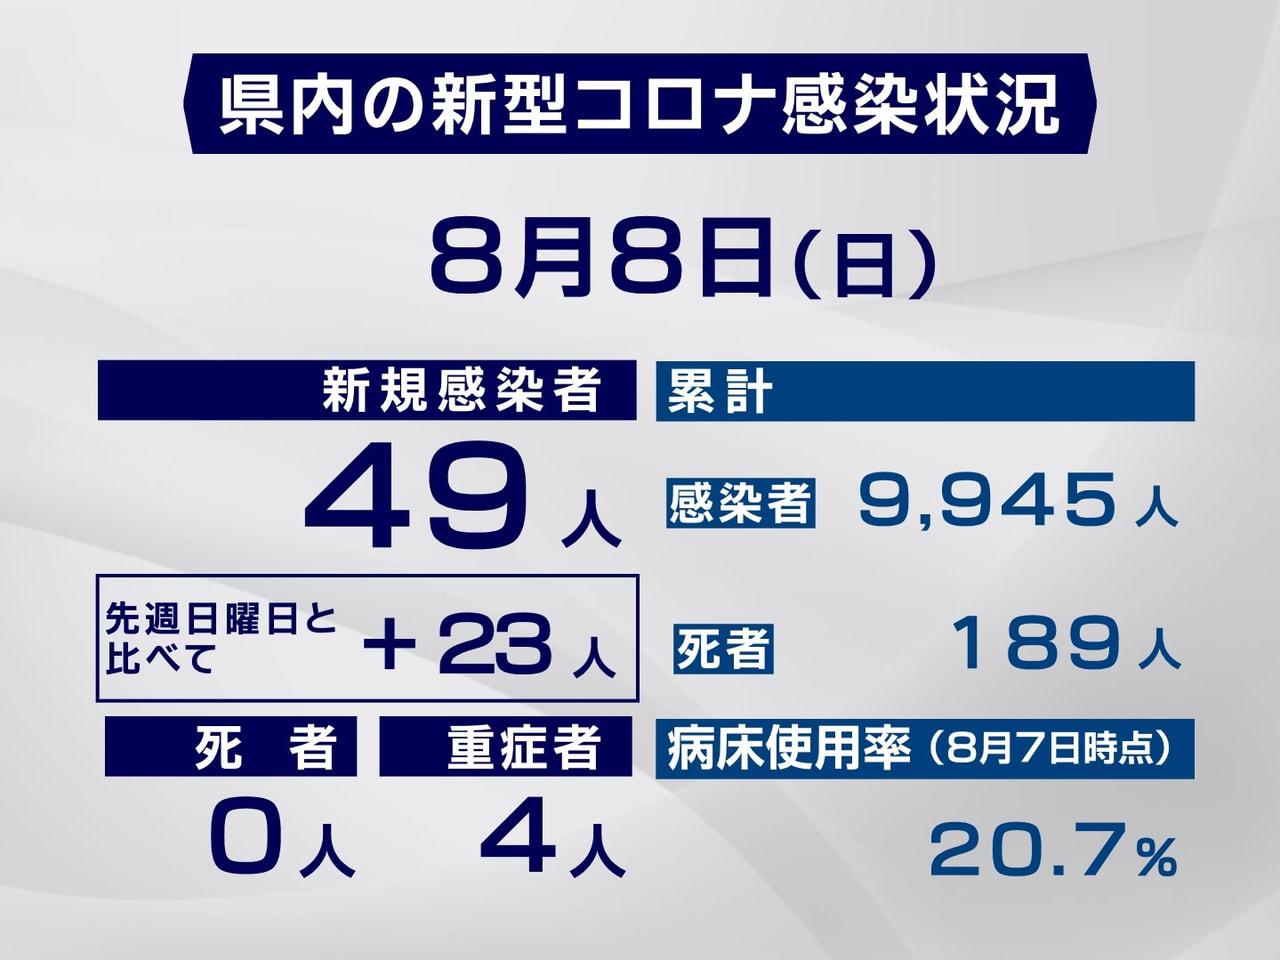 岐阜県と岐阜市は8日、新型コロナウイルスの感染者が新たに49人確認されたと発表し...